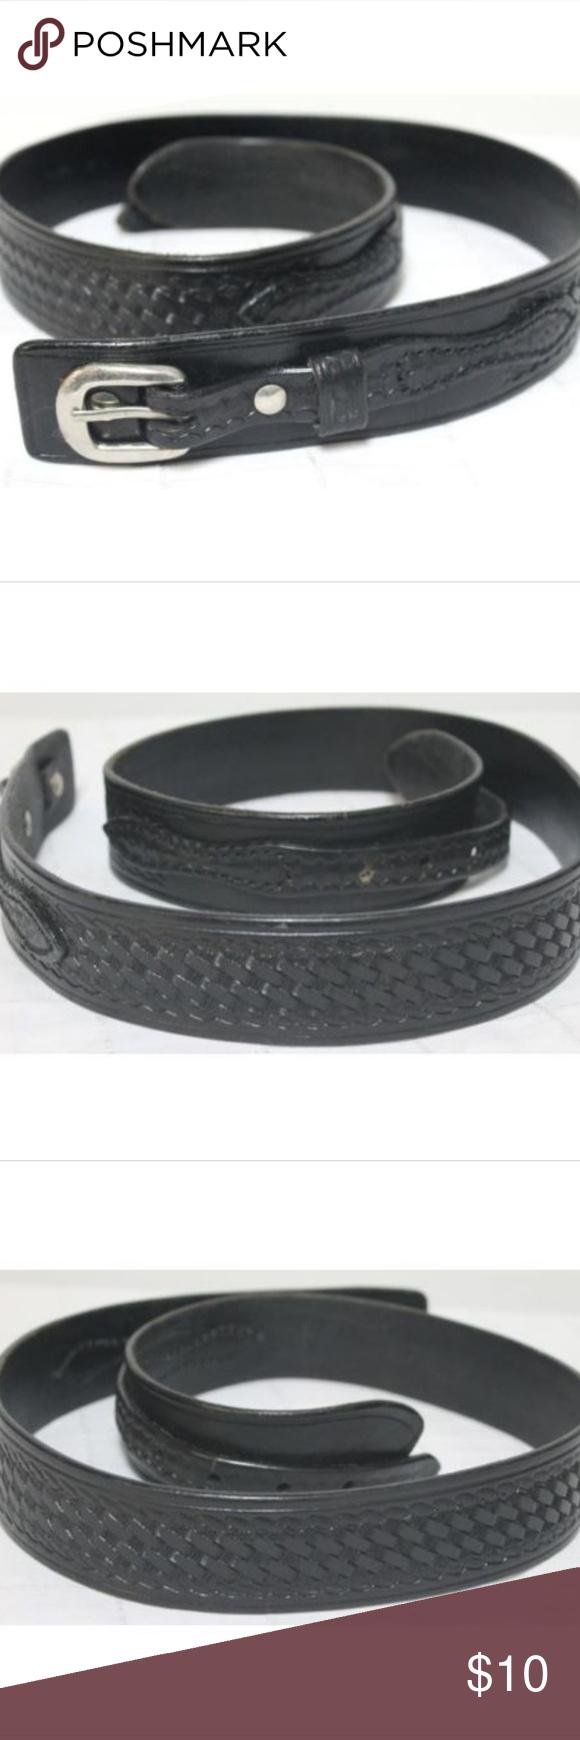 9cf8a99d6 Cabela's Leather Belt Mens Western Over/Under Rang Cabela's Leather Belt  Mens Western Over/Under Ranger sz 36 Tooled Over/under embossed/tooled black  ...